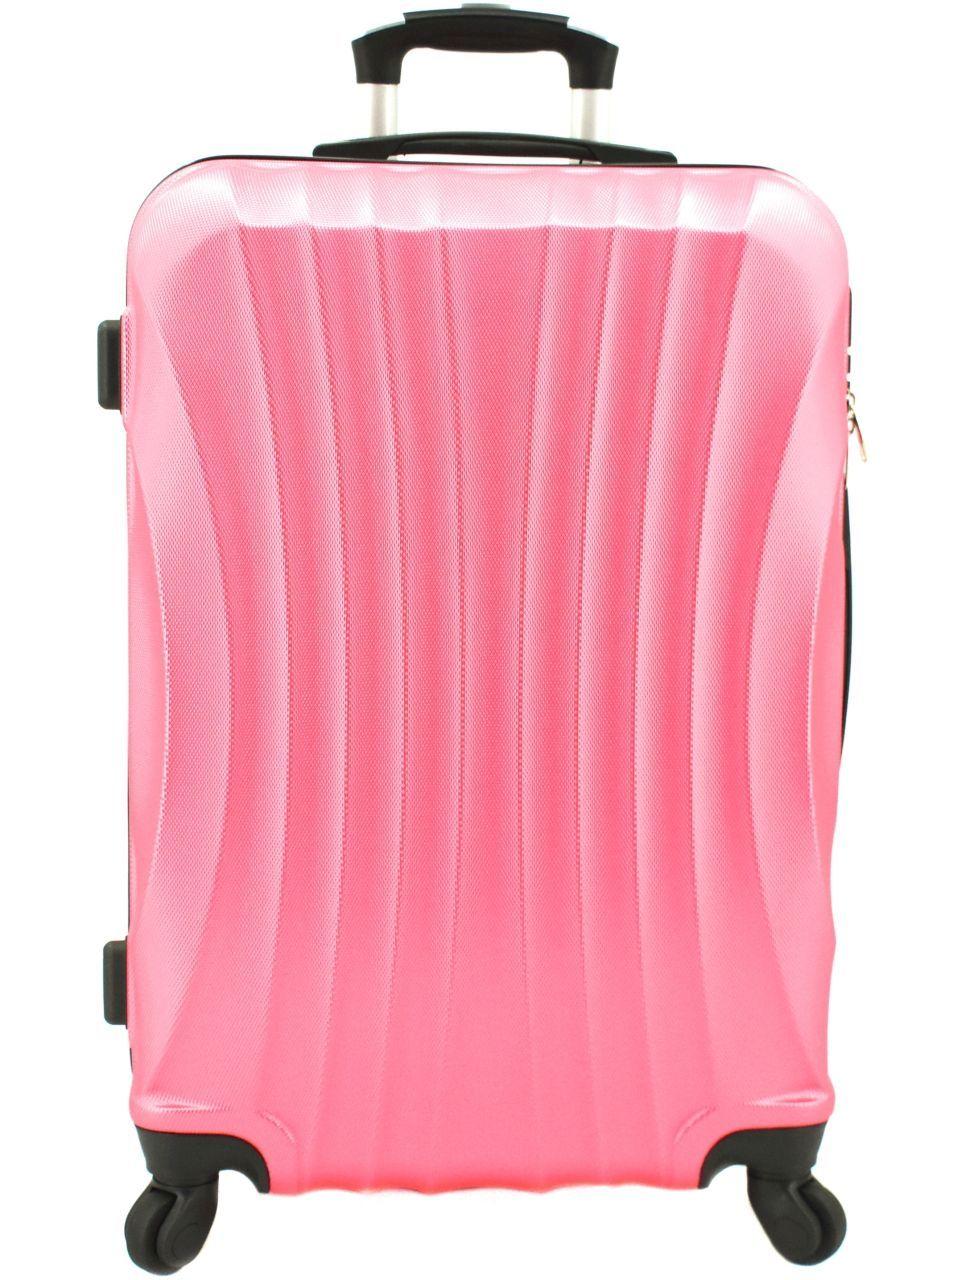 Cestovní skořepina kufr na čtyřech kolečkách Arteddy - (M) 60l růžová 6020 (M)